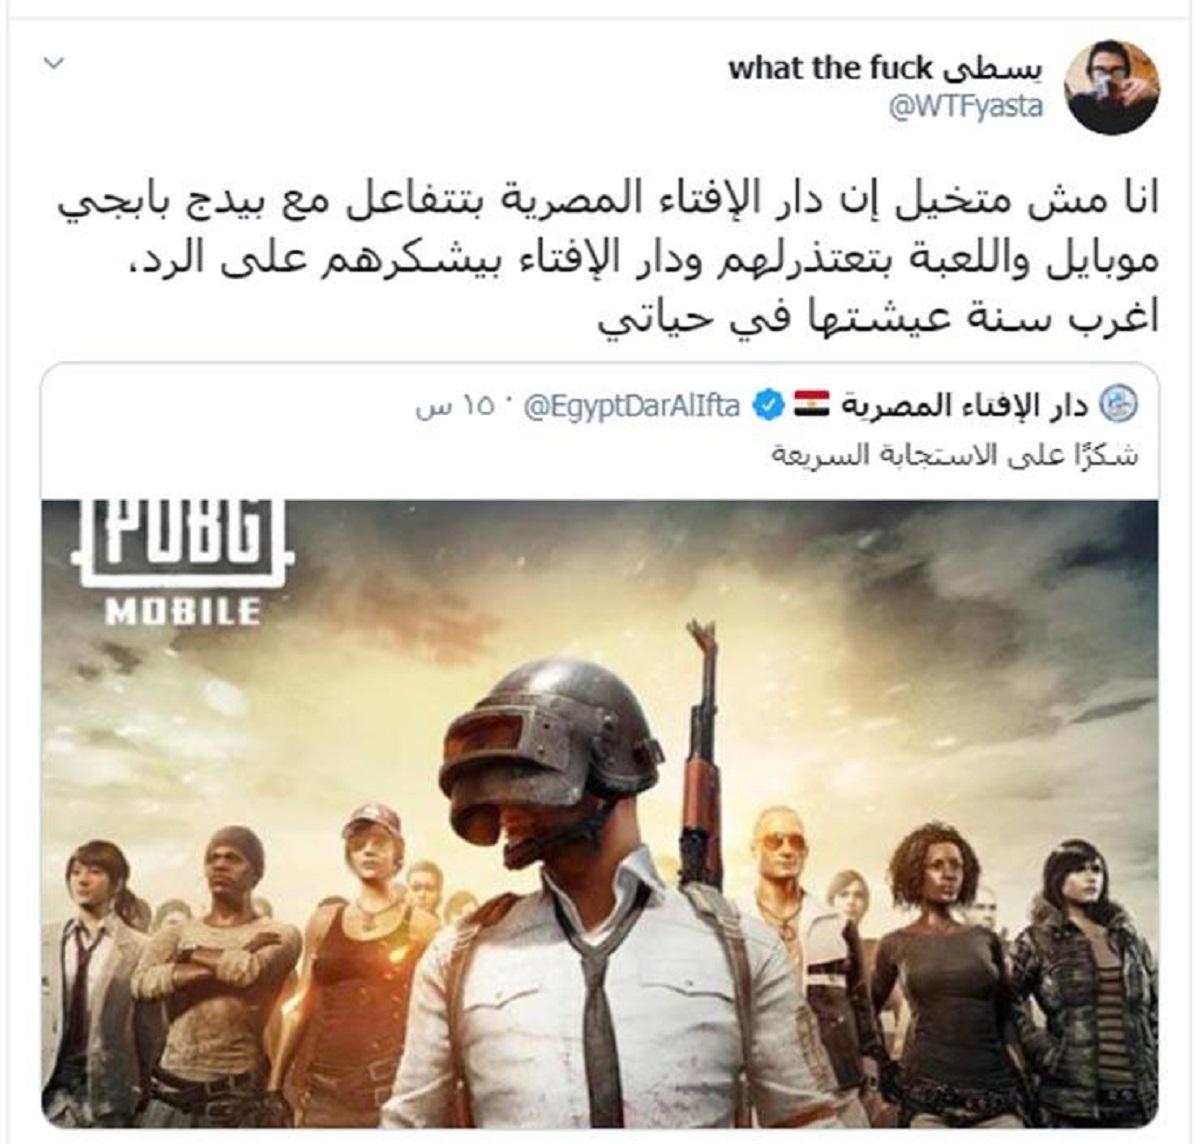 بعد رد فعل فريق بابجي السريع على تحذيرات الأزهر الشريف.. بيان جديد من دار الإفتاء المصرية